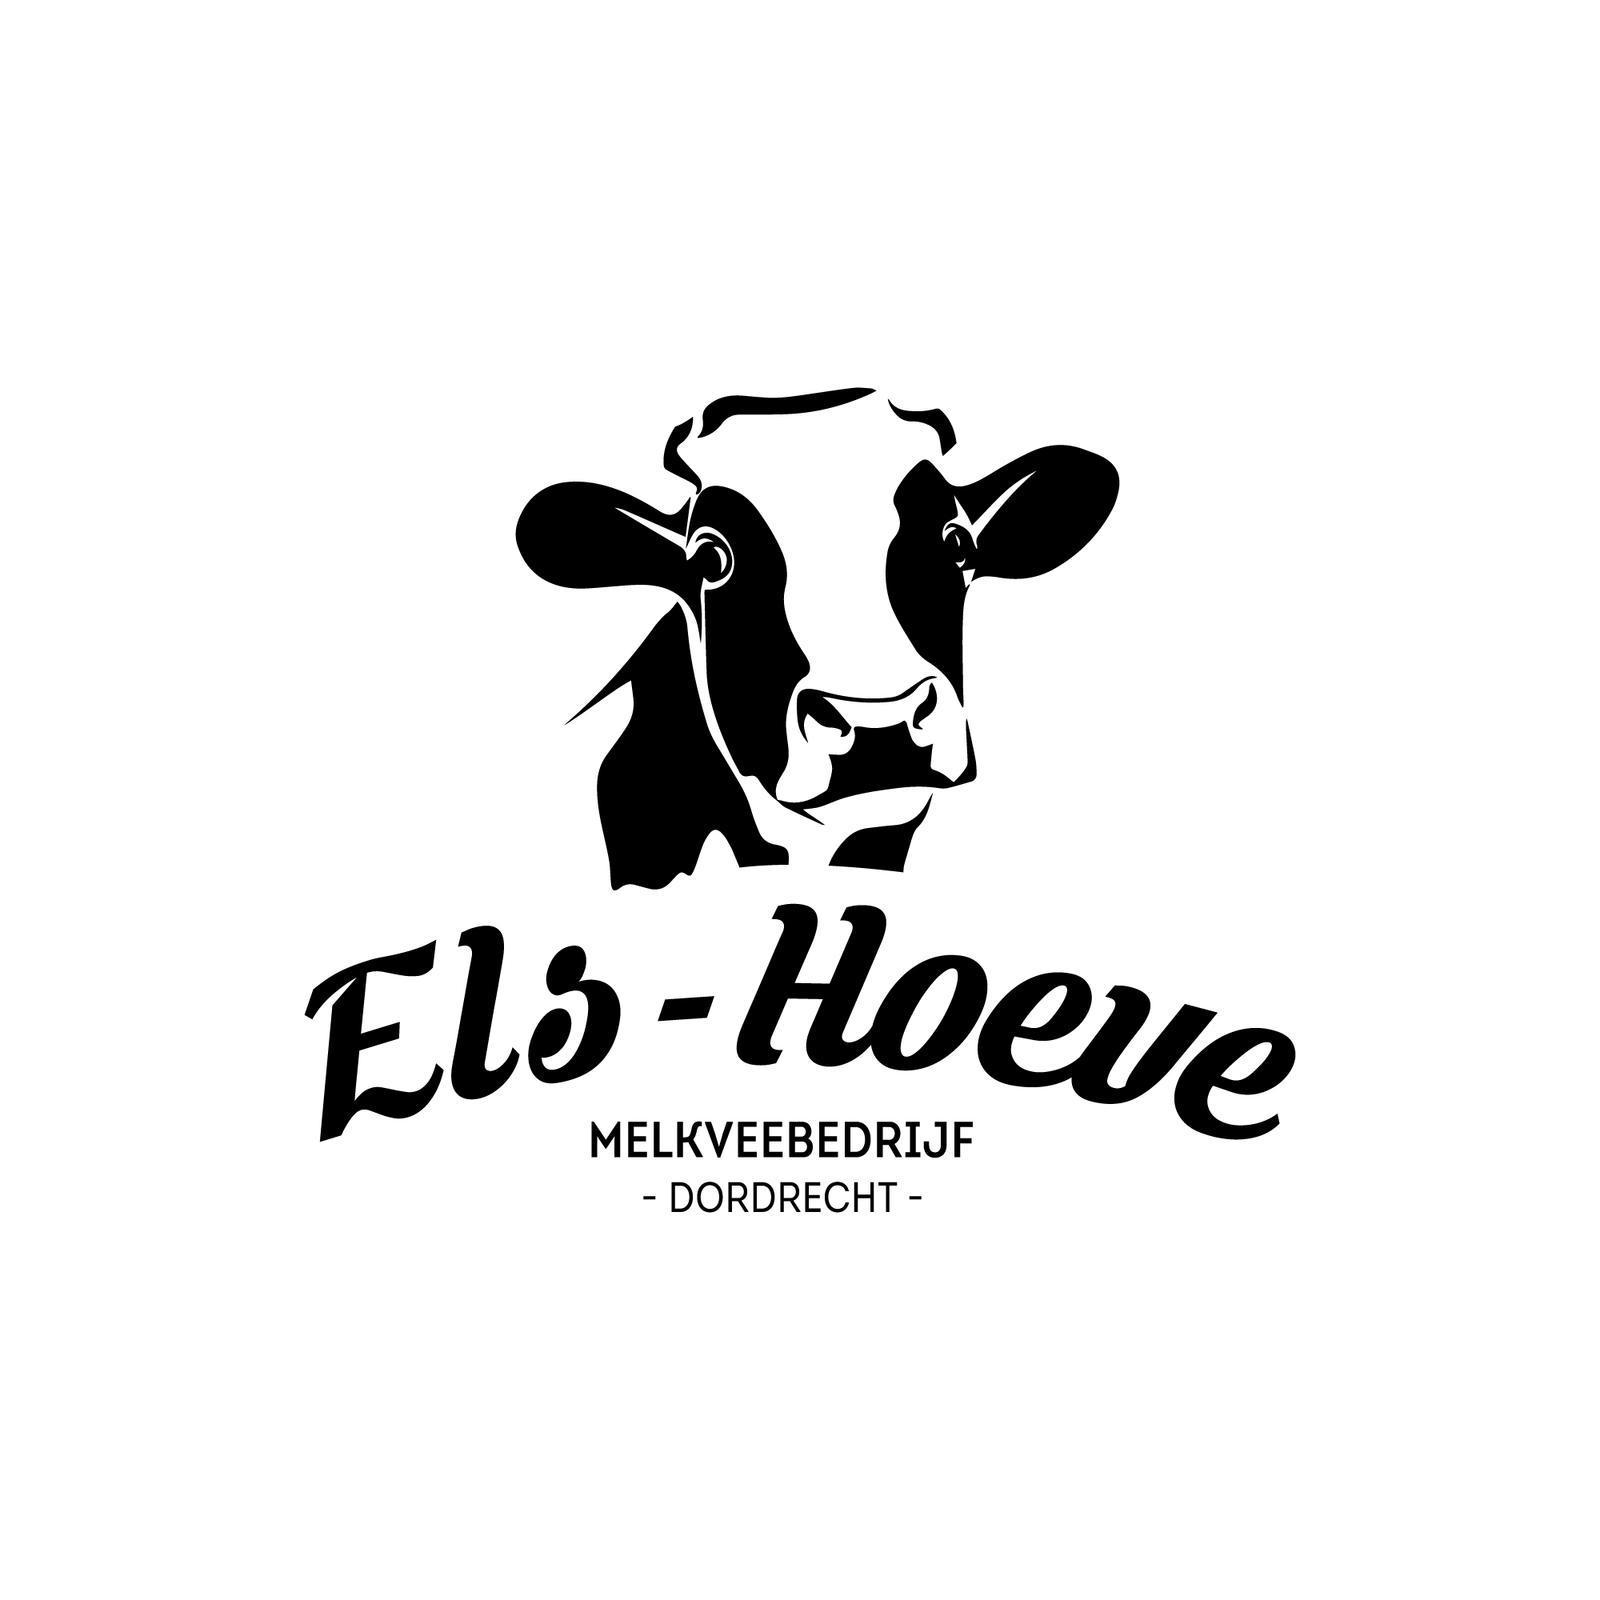 Boerderijwinkel Els-hoeve